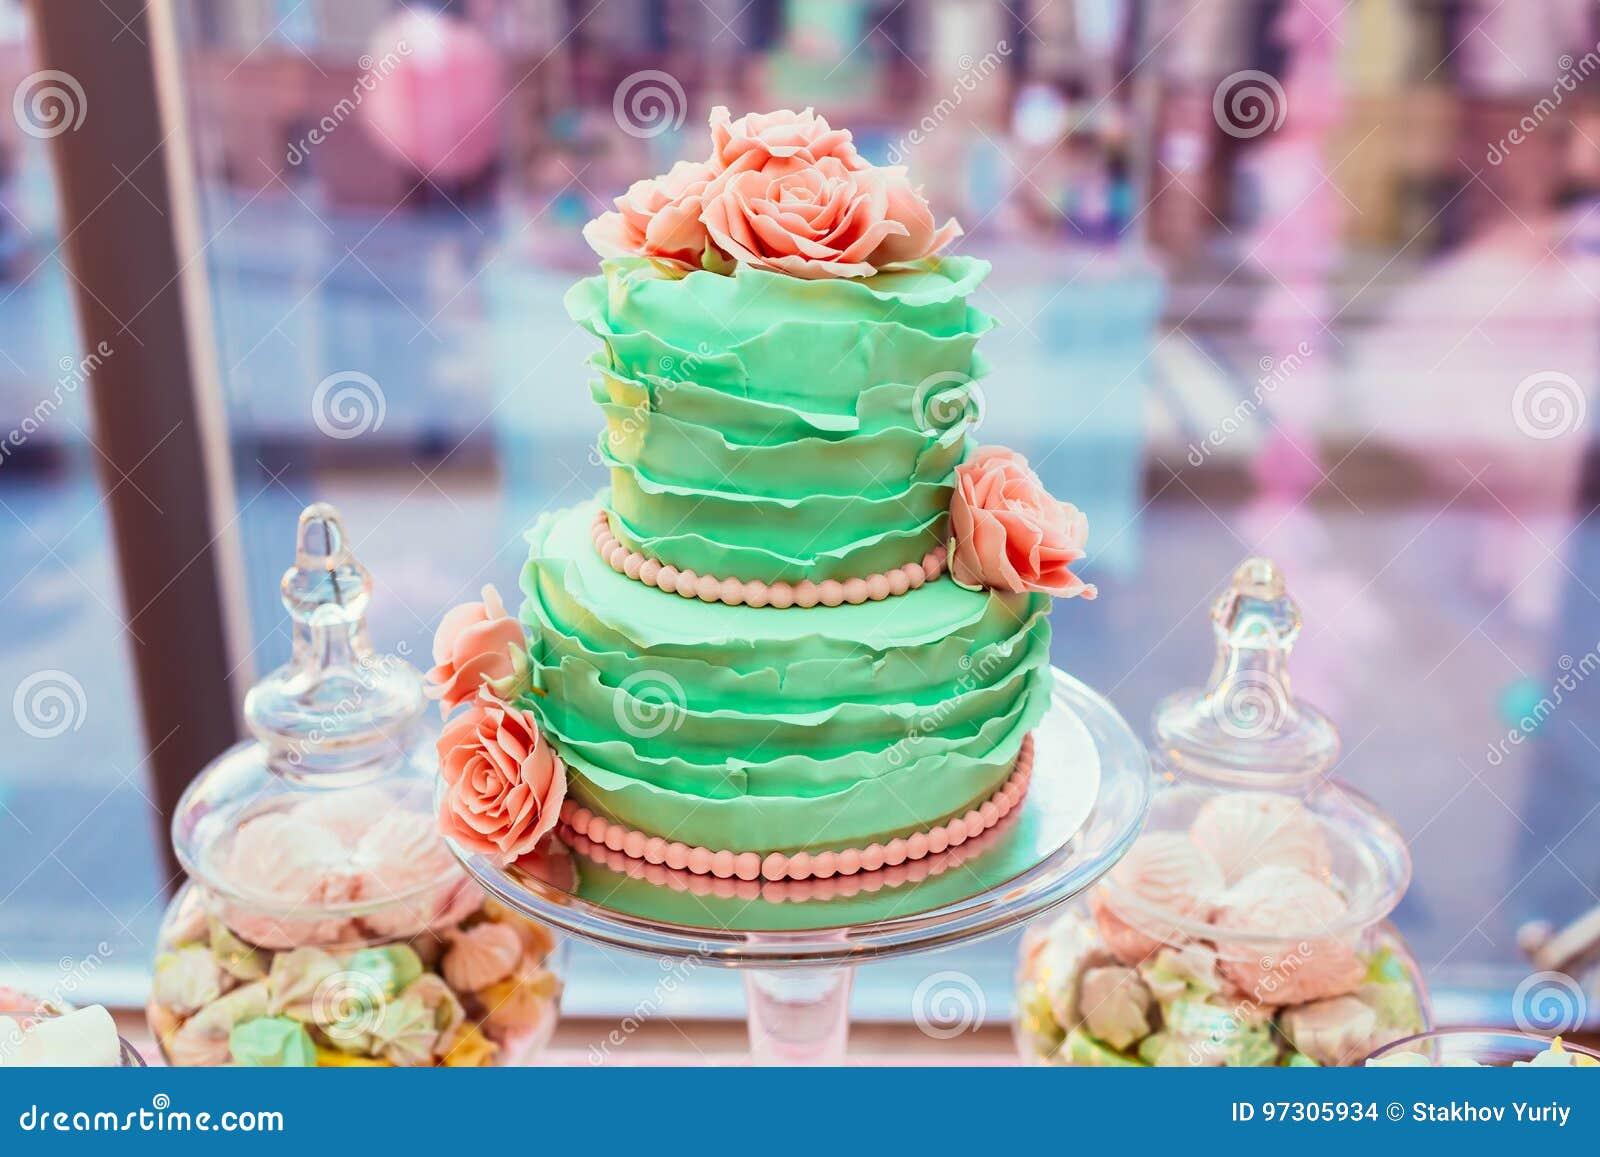 Zwei Planierte Minze Farbte Hochzeitstorte Mit Sahne Rosen Und